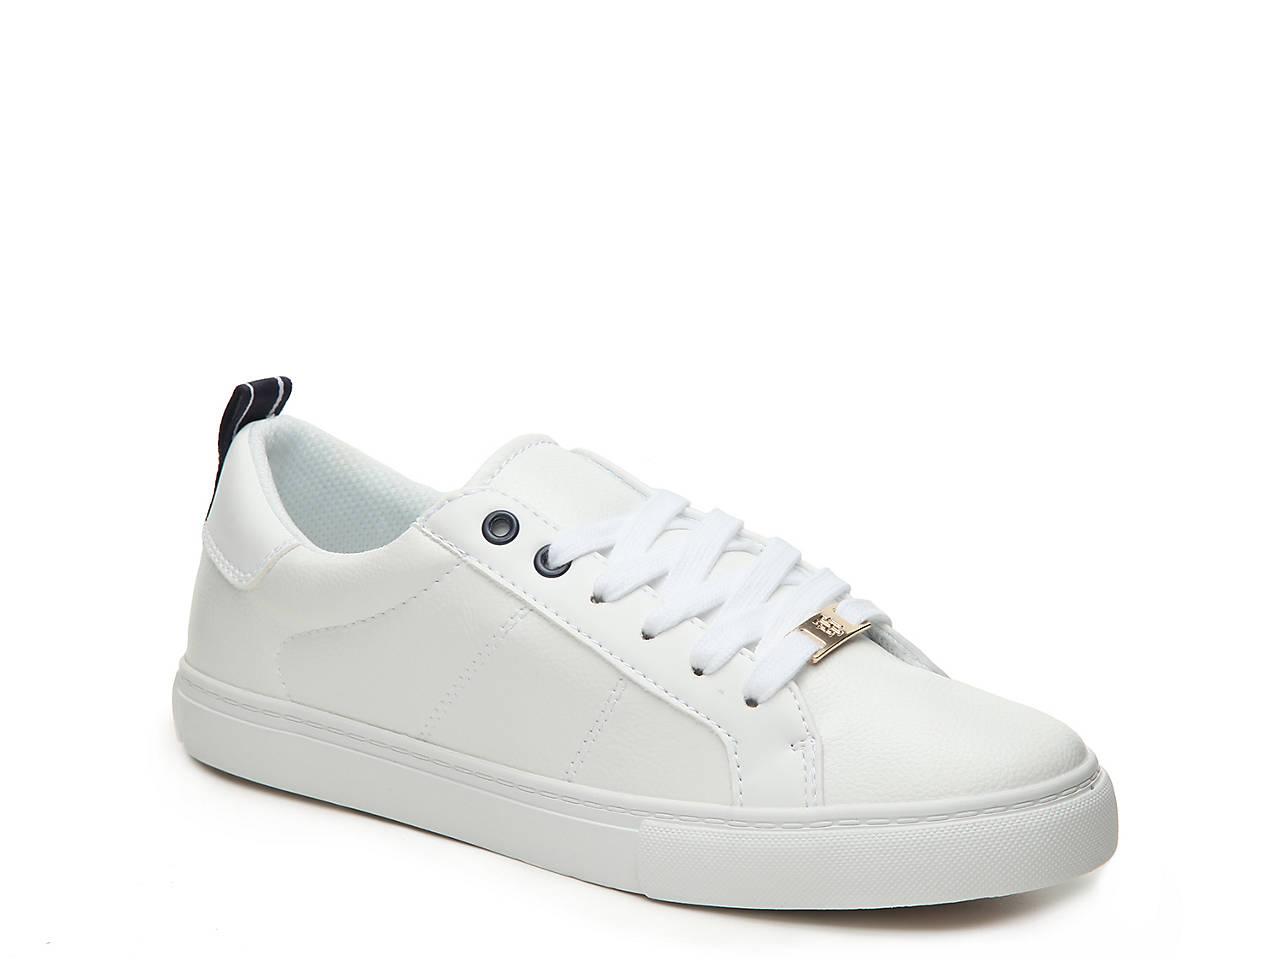 98affb5e Tommy Hilfiger Lamzey Sneaker Women's Shoes | DSW